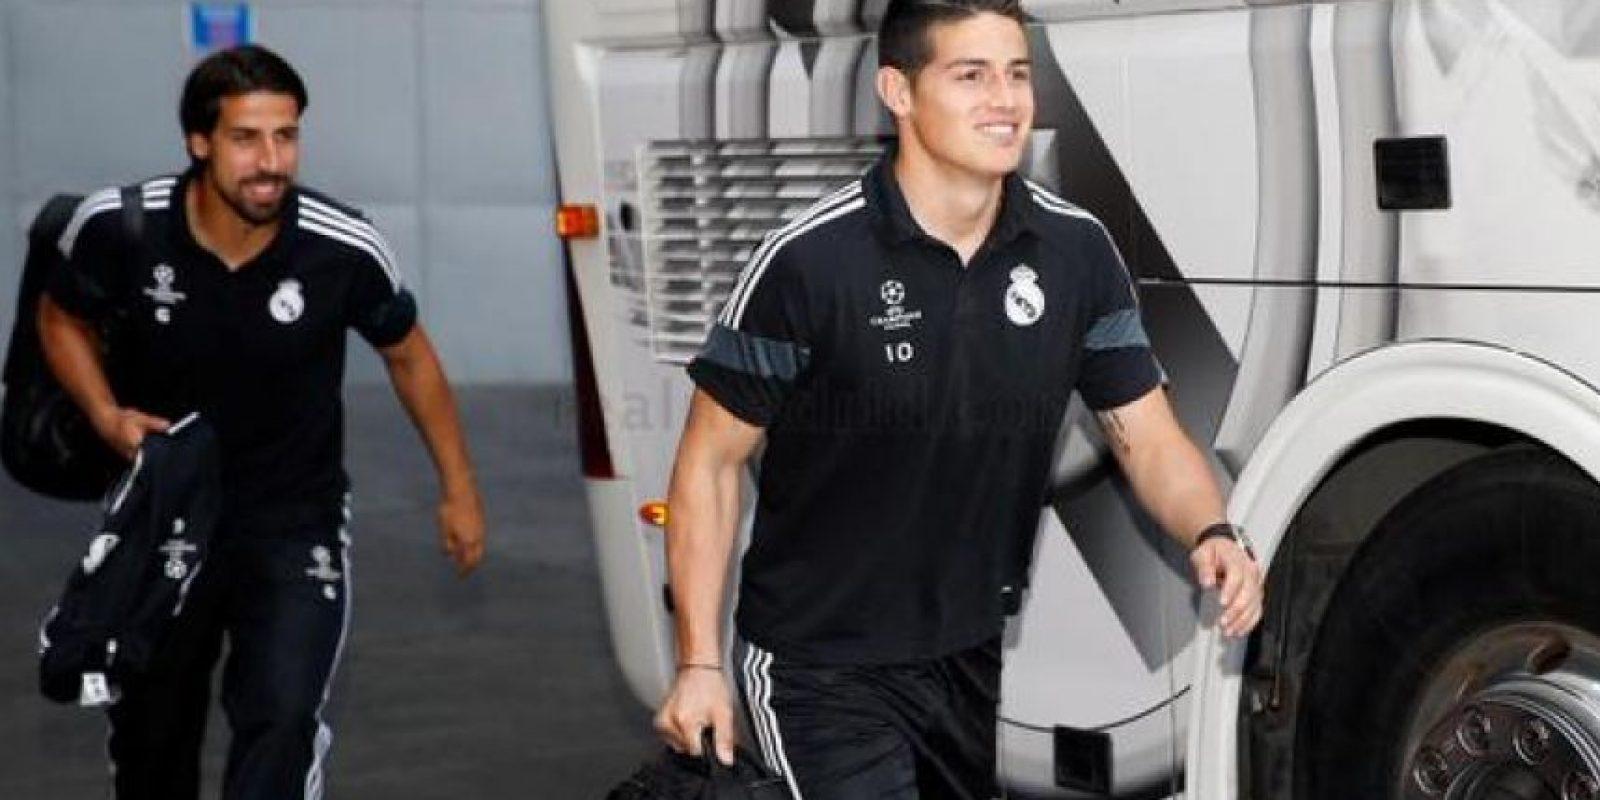 En el último partido entre ambos, en la final de la edición pasada, el marcador favoreció 4-1 al Real Madrid. Foto:Vía twitter.com/realmadrid